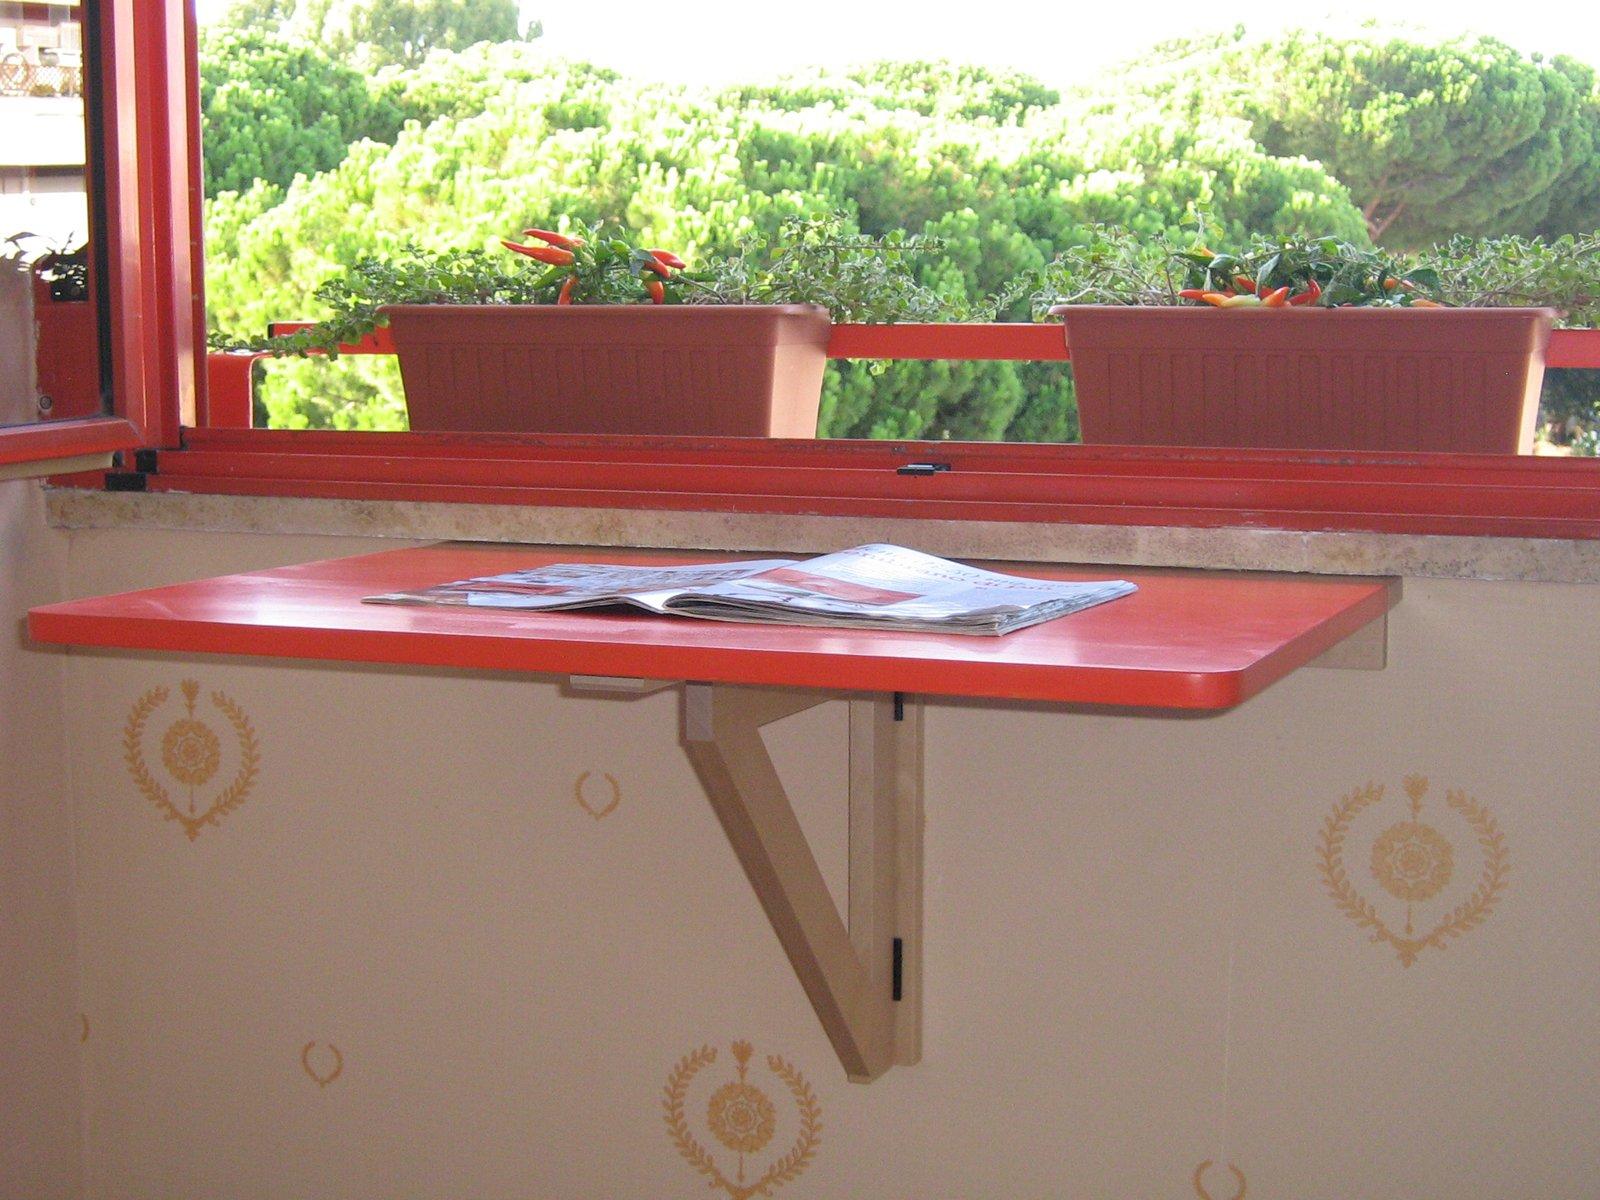 Tavolino a ribalta salvaspazio fioriera cose di casa - Tavolo a muro fai da te ...